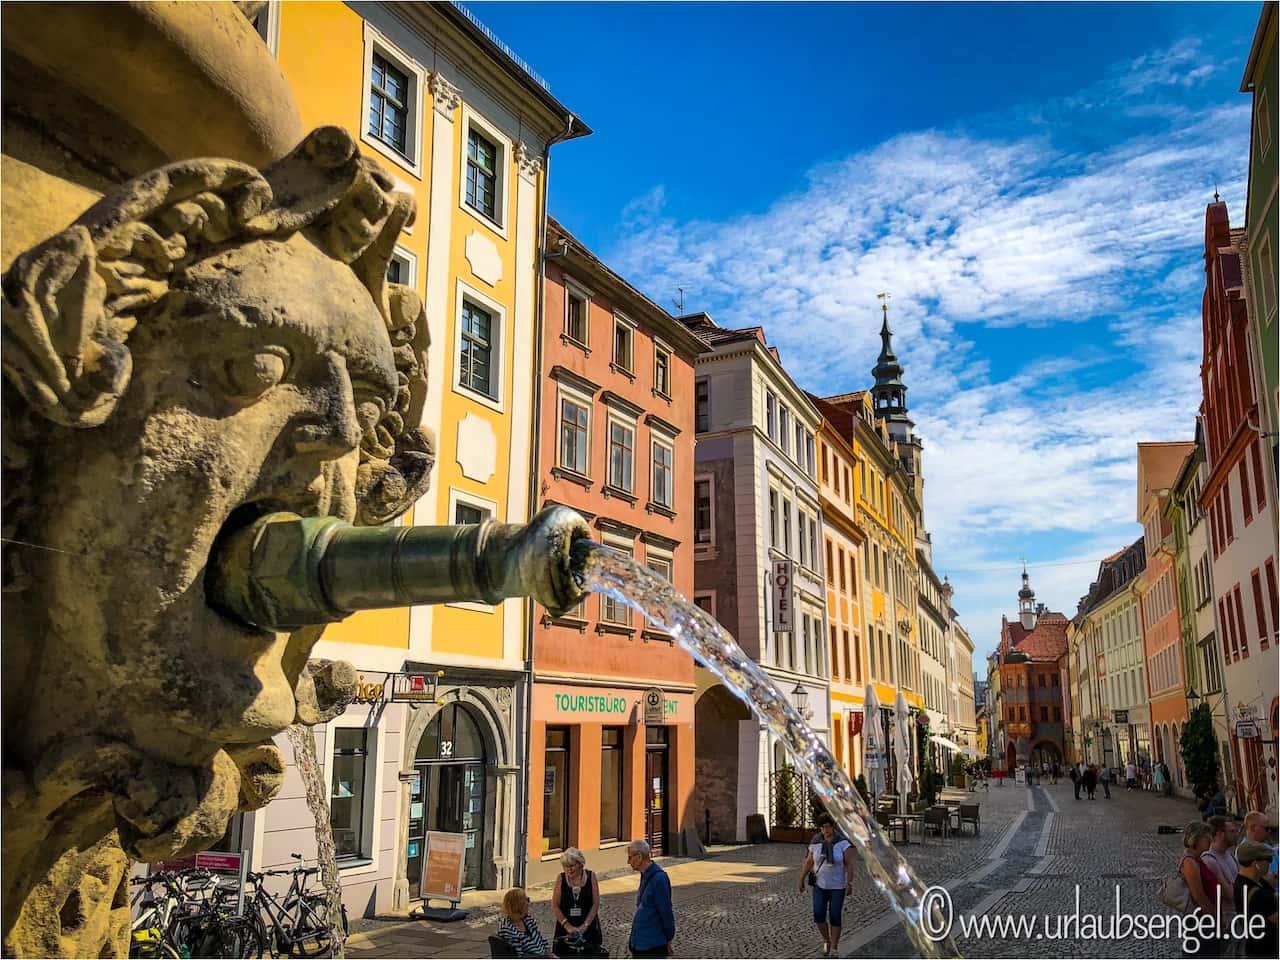 Brunnen in der Altstadt von Görlitz